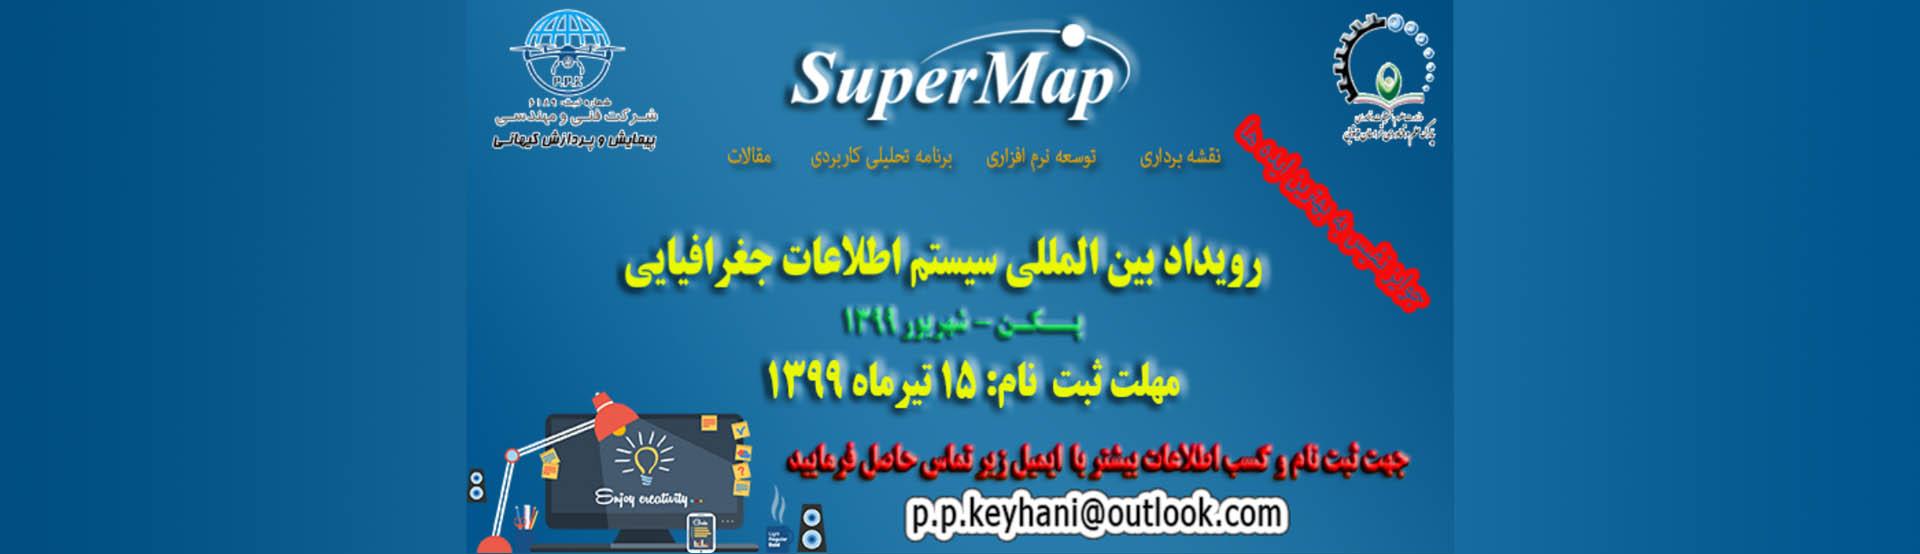 پارک علم و فناوری خراسان جنوبی برگزار می کند : رویداد بین المللی سیستم اطلاعات جغرافیایی